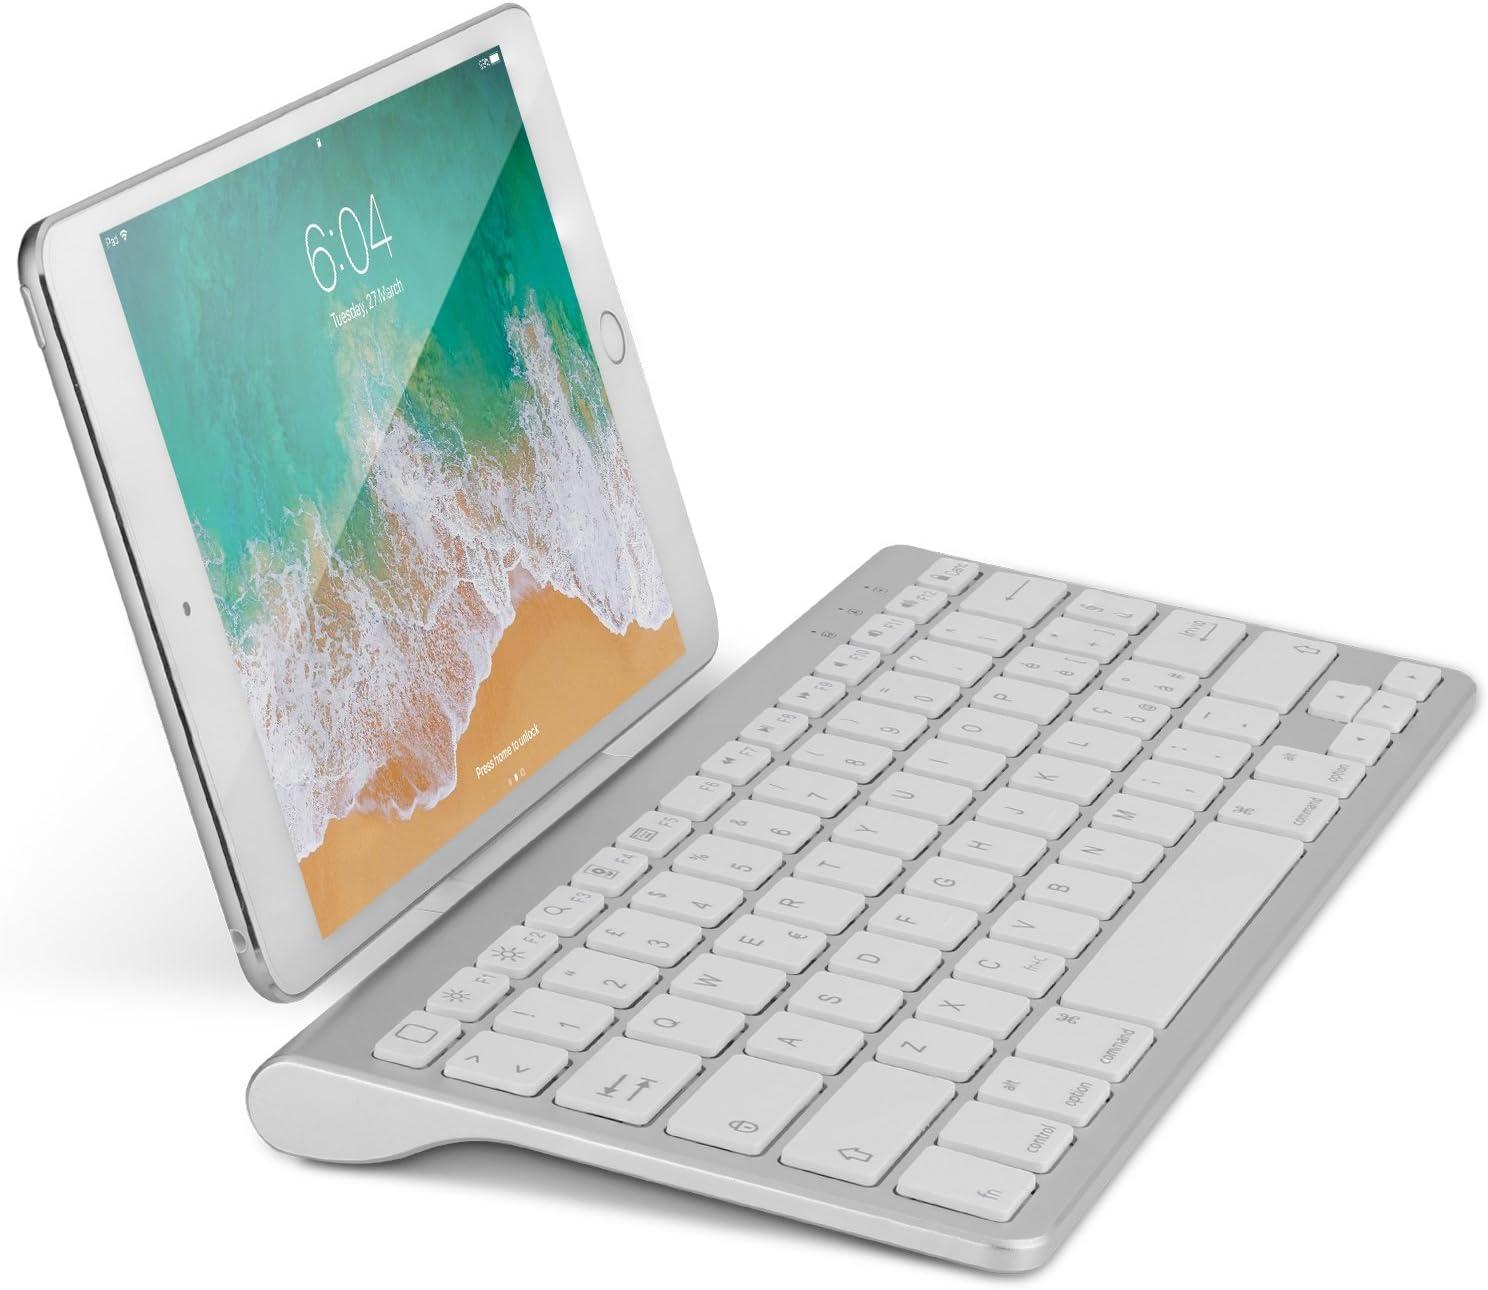 OMOTON Bluetooth Teclado Español con Soporte, Compatible con iPad 10.2, 9.7, iPad Pro 11 2020 2018, 10.5, iPad Air y Toda iOS Sistema, No Sirve para Sistema de Mac - Blanco